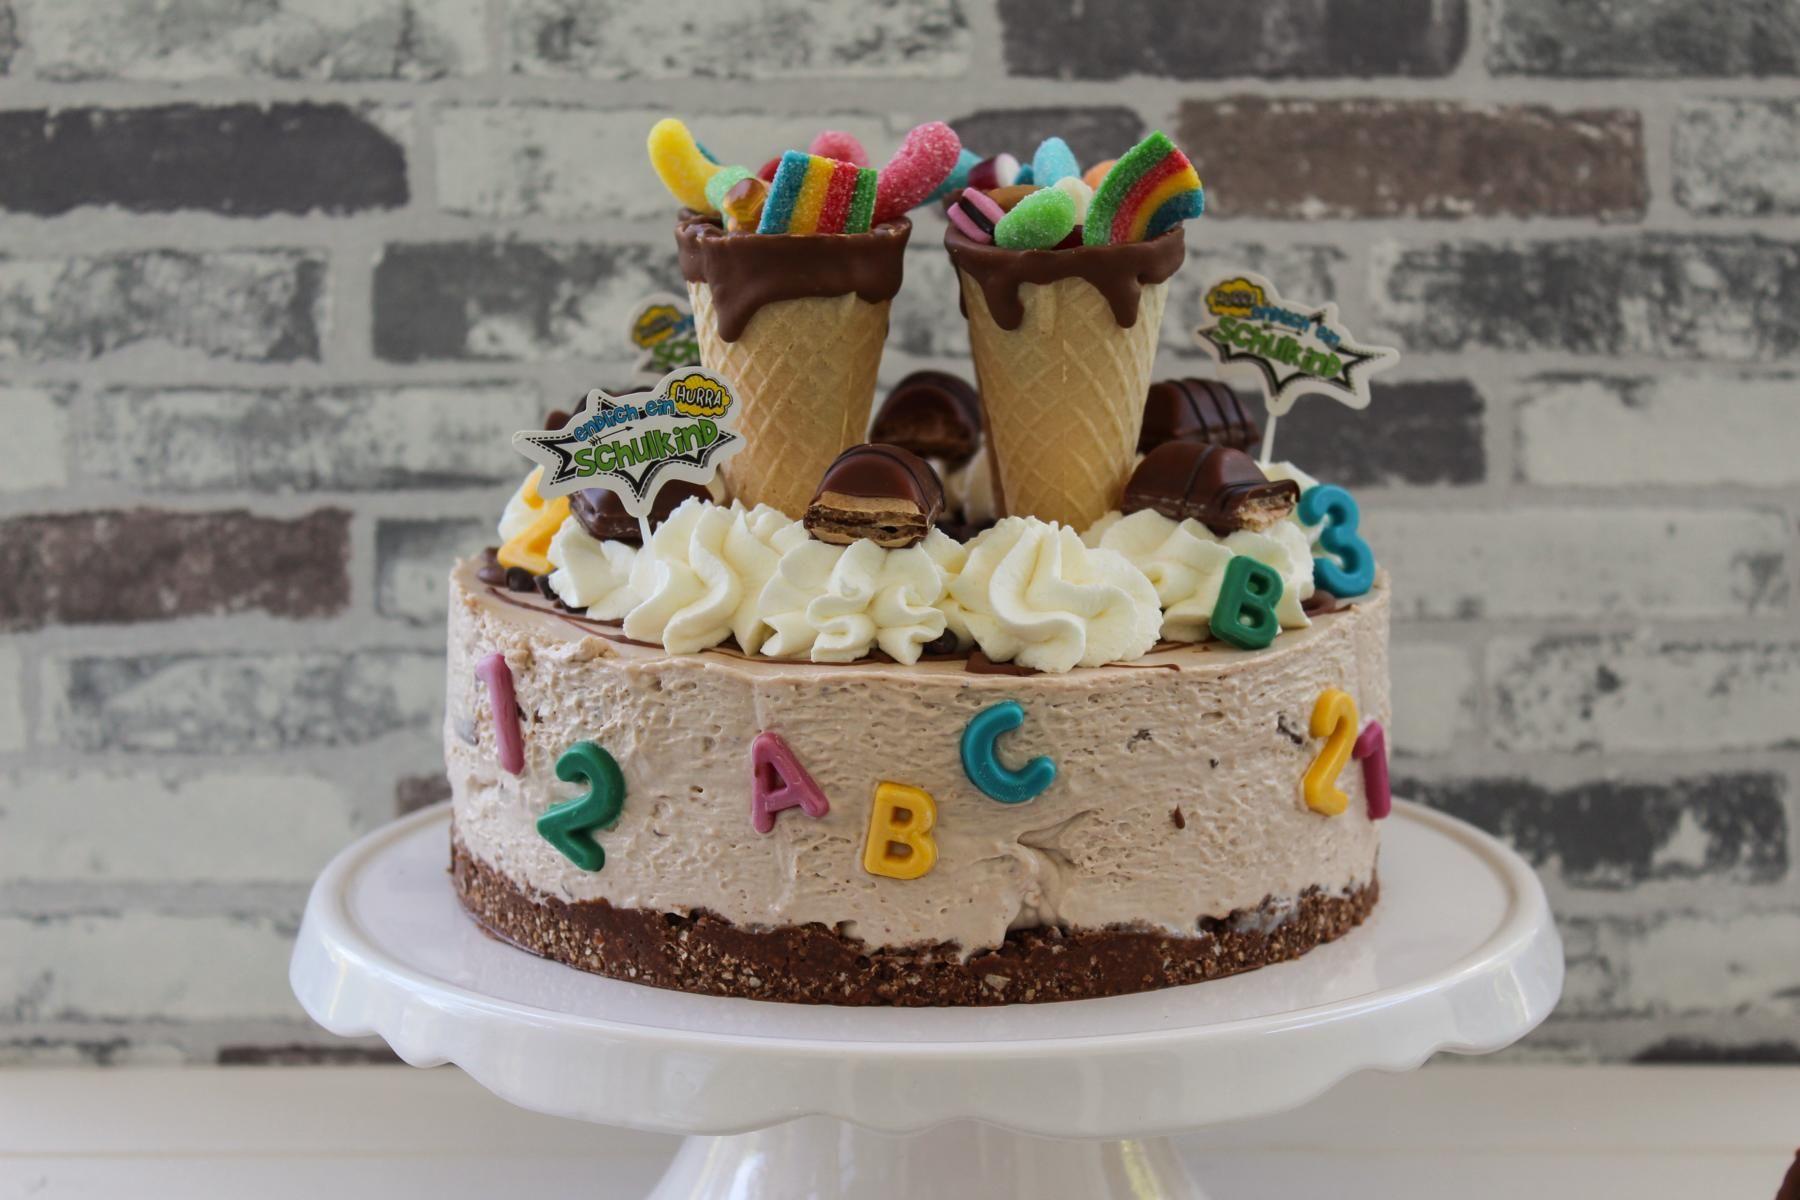 Eine Einfache Idee Fur Eine Schnelle Und Einfache Einschulungstorte Mit Buenos Kinderschokolade Und Zuc In 2020 Kuchen Einschulung Torte Einschulung Torte Schulanfang